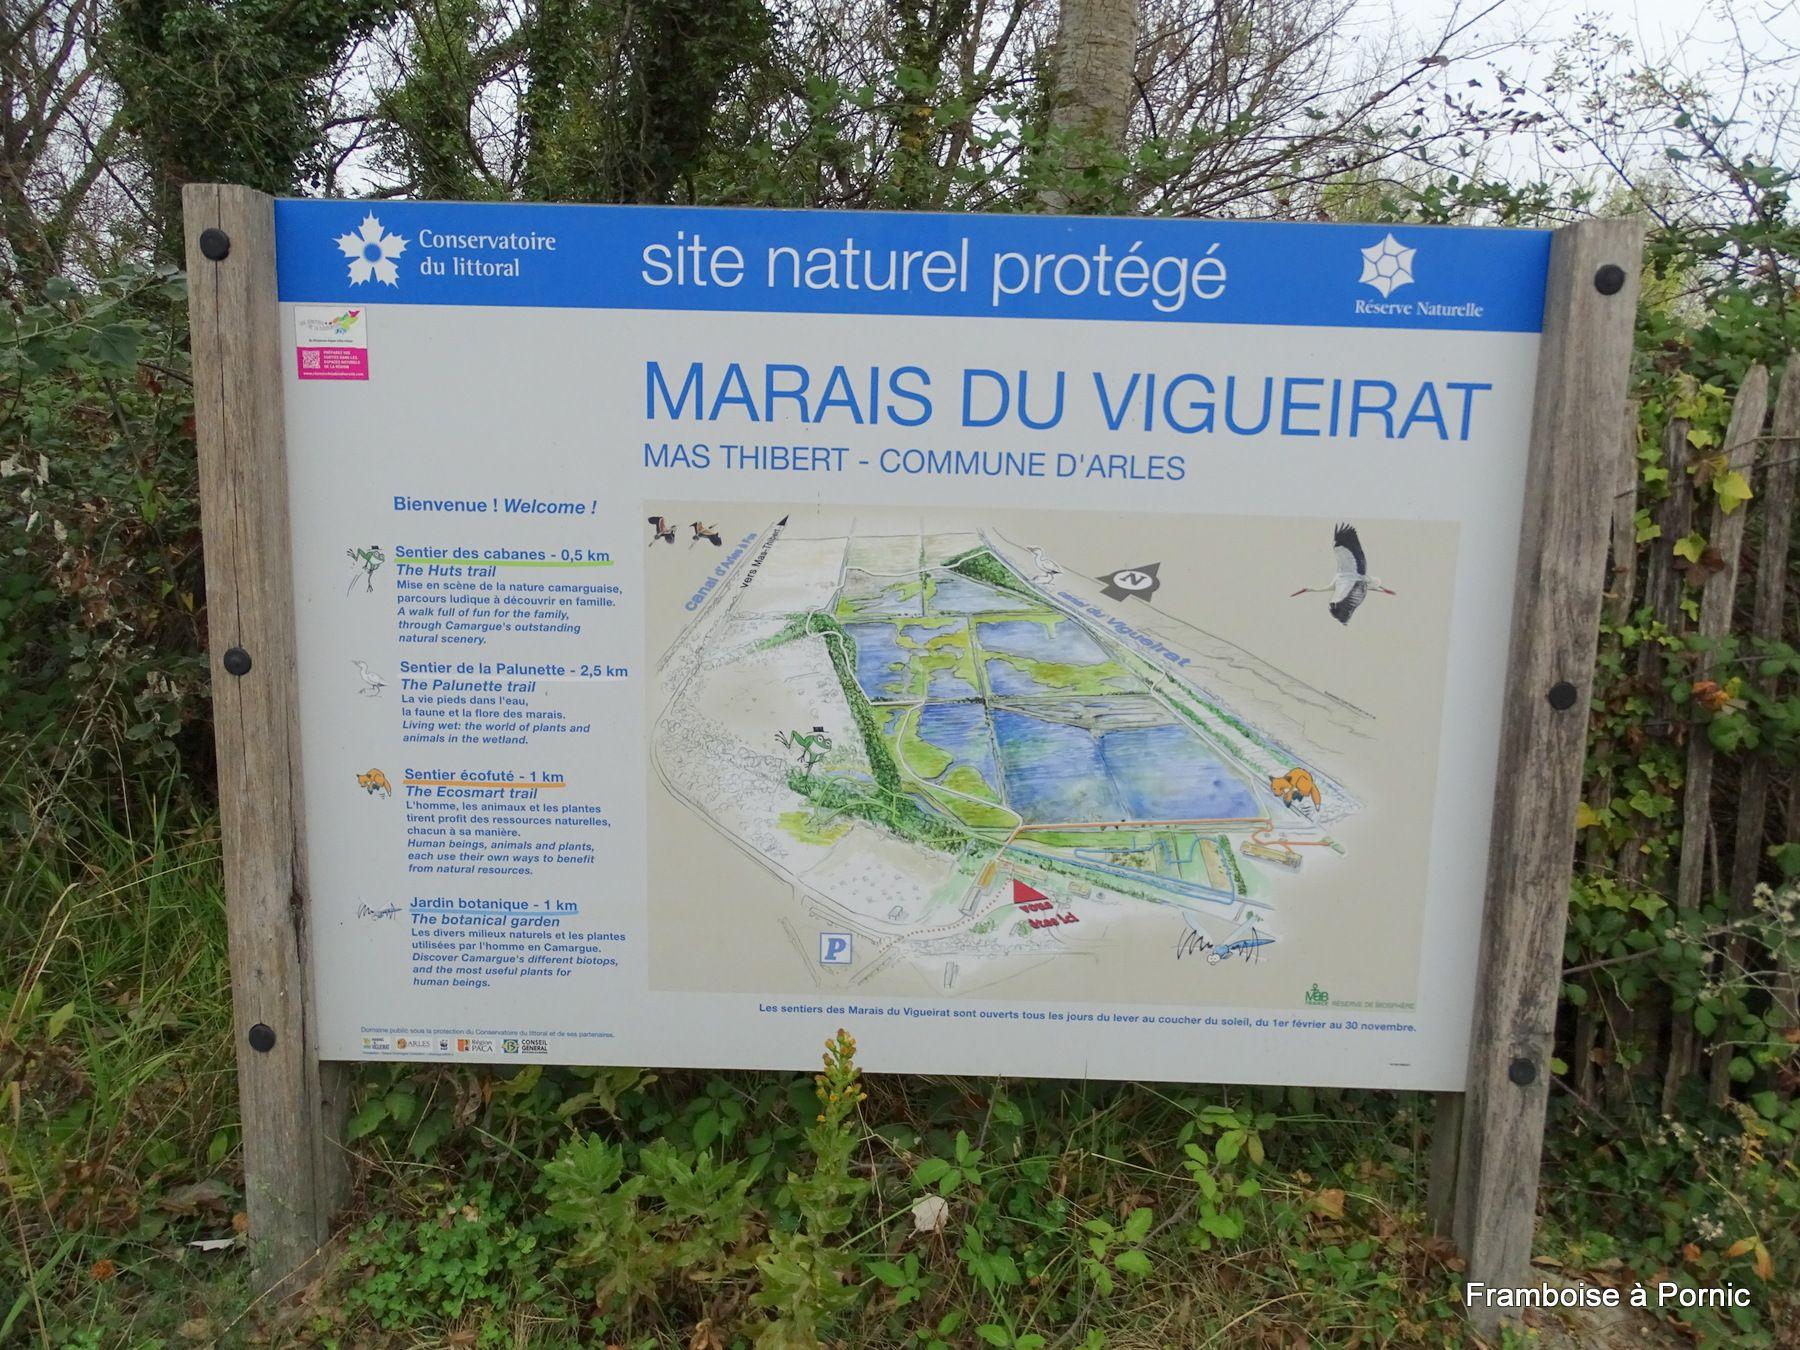 """Résultat de recherche d'images pour """"marais vigueirat pinterest"""""""